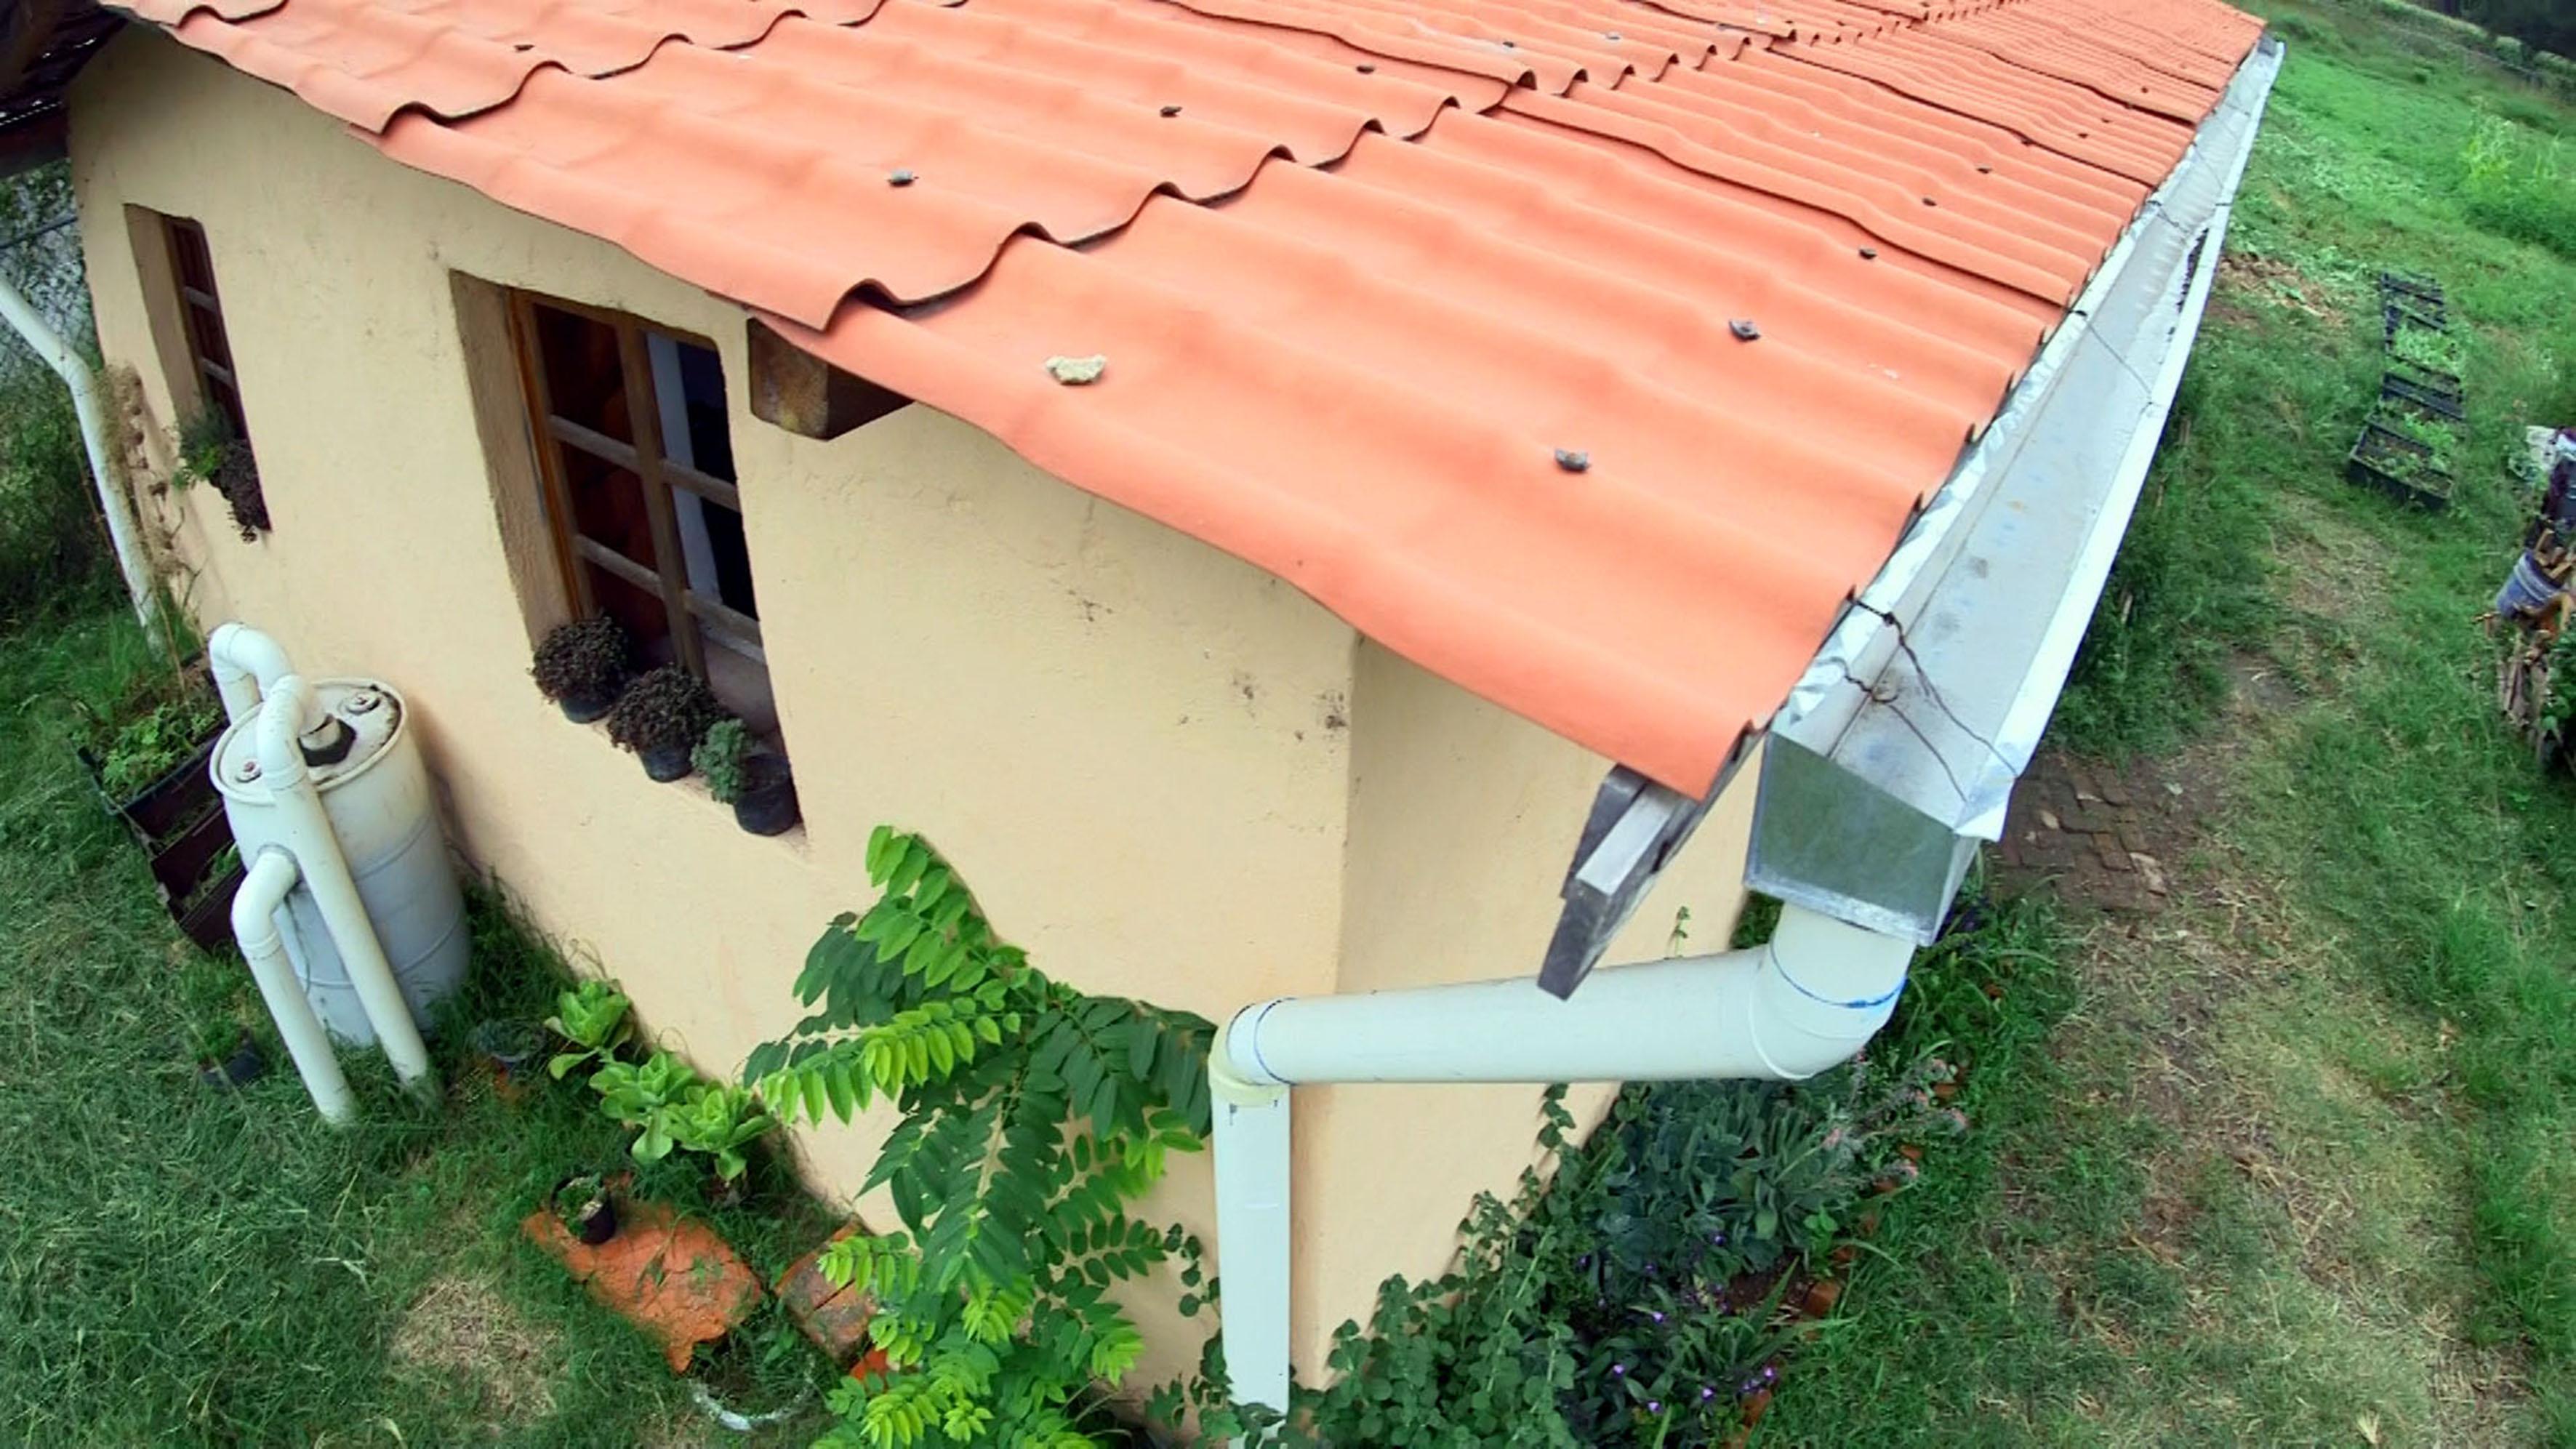 Casa habitación adecuada para la captación de lluvia